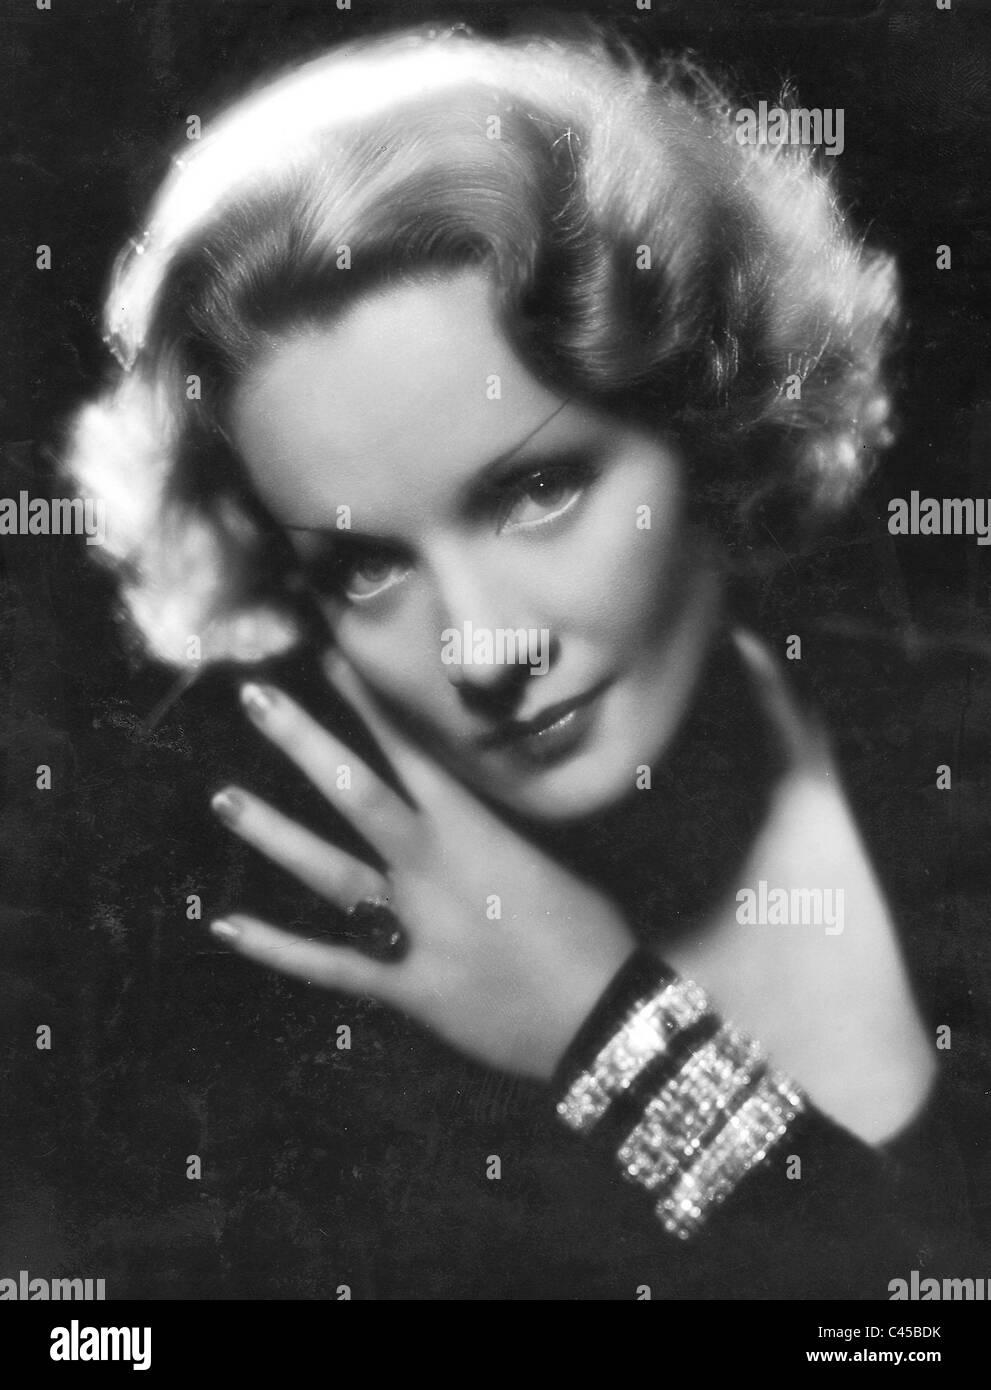 Marlene Dietrich en los 30's Imagen De Stock